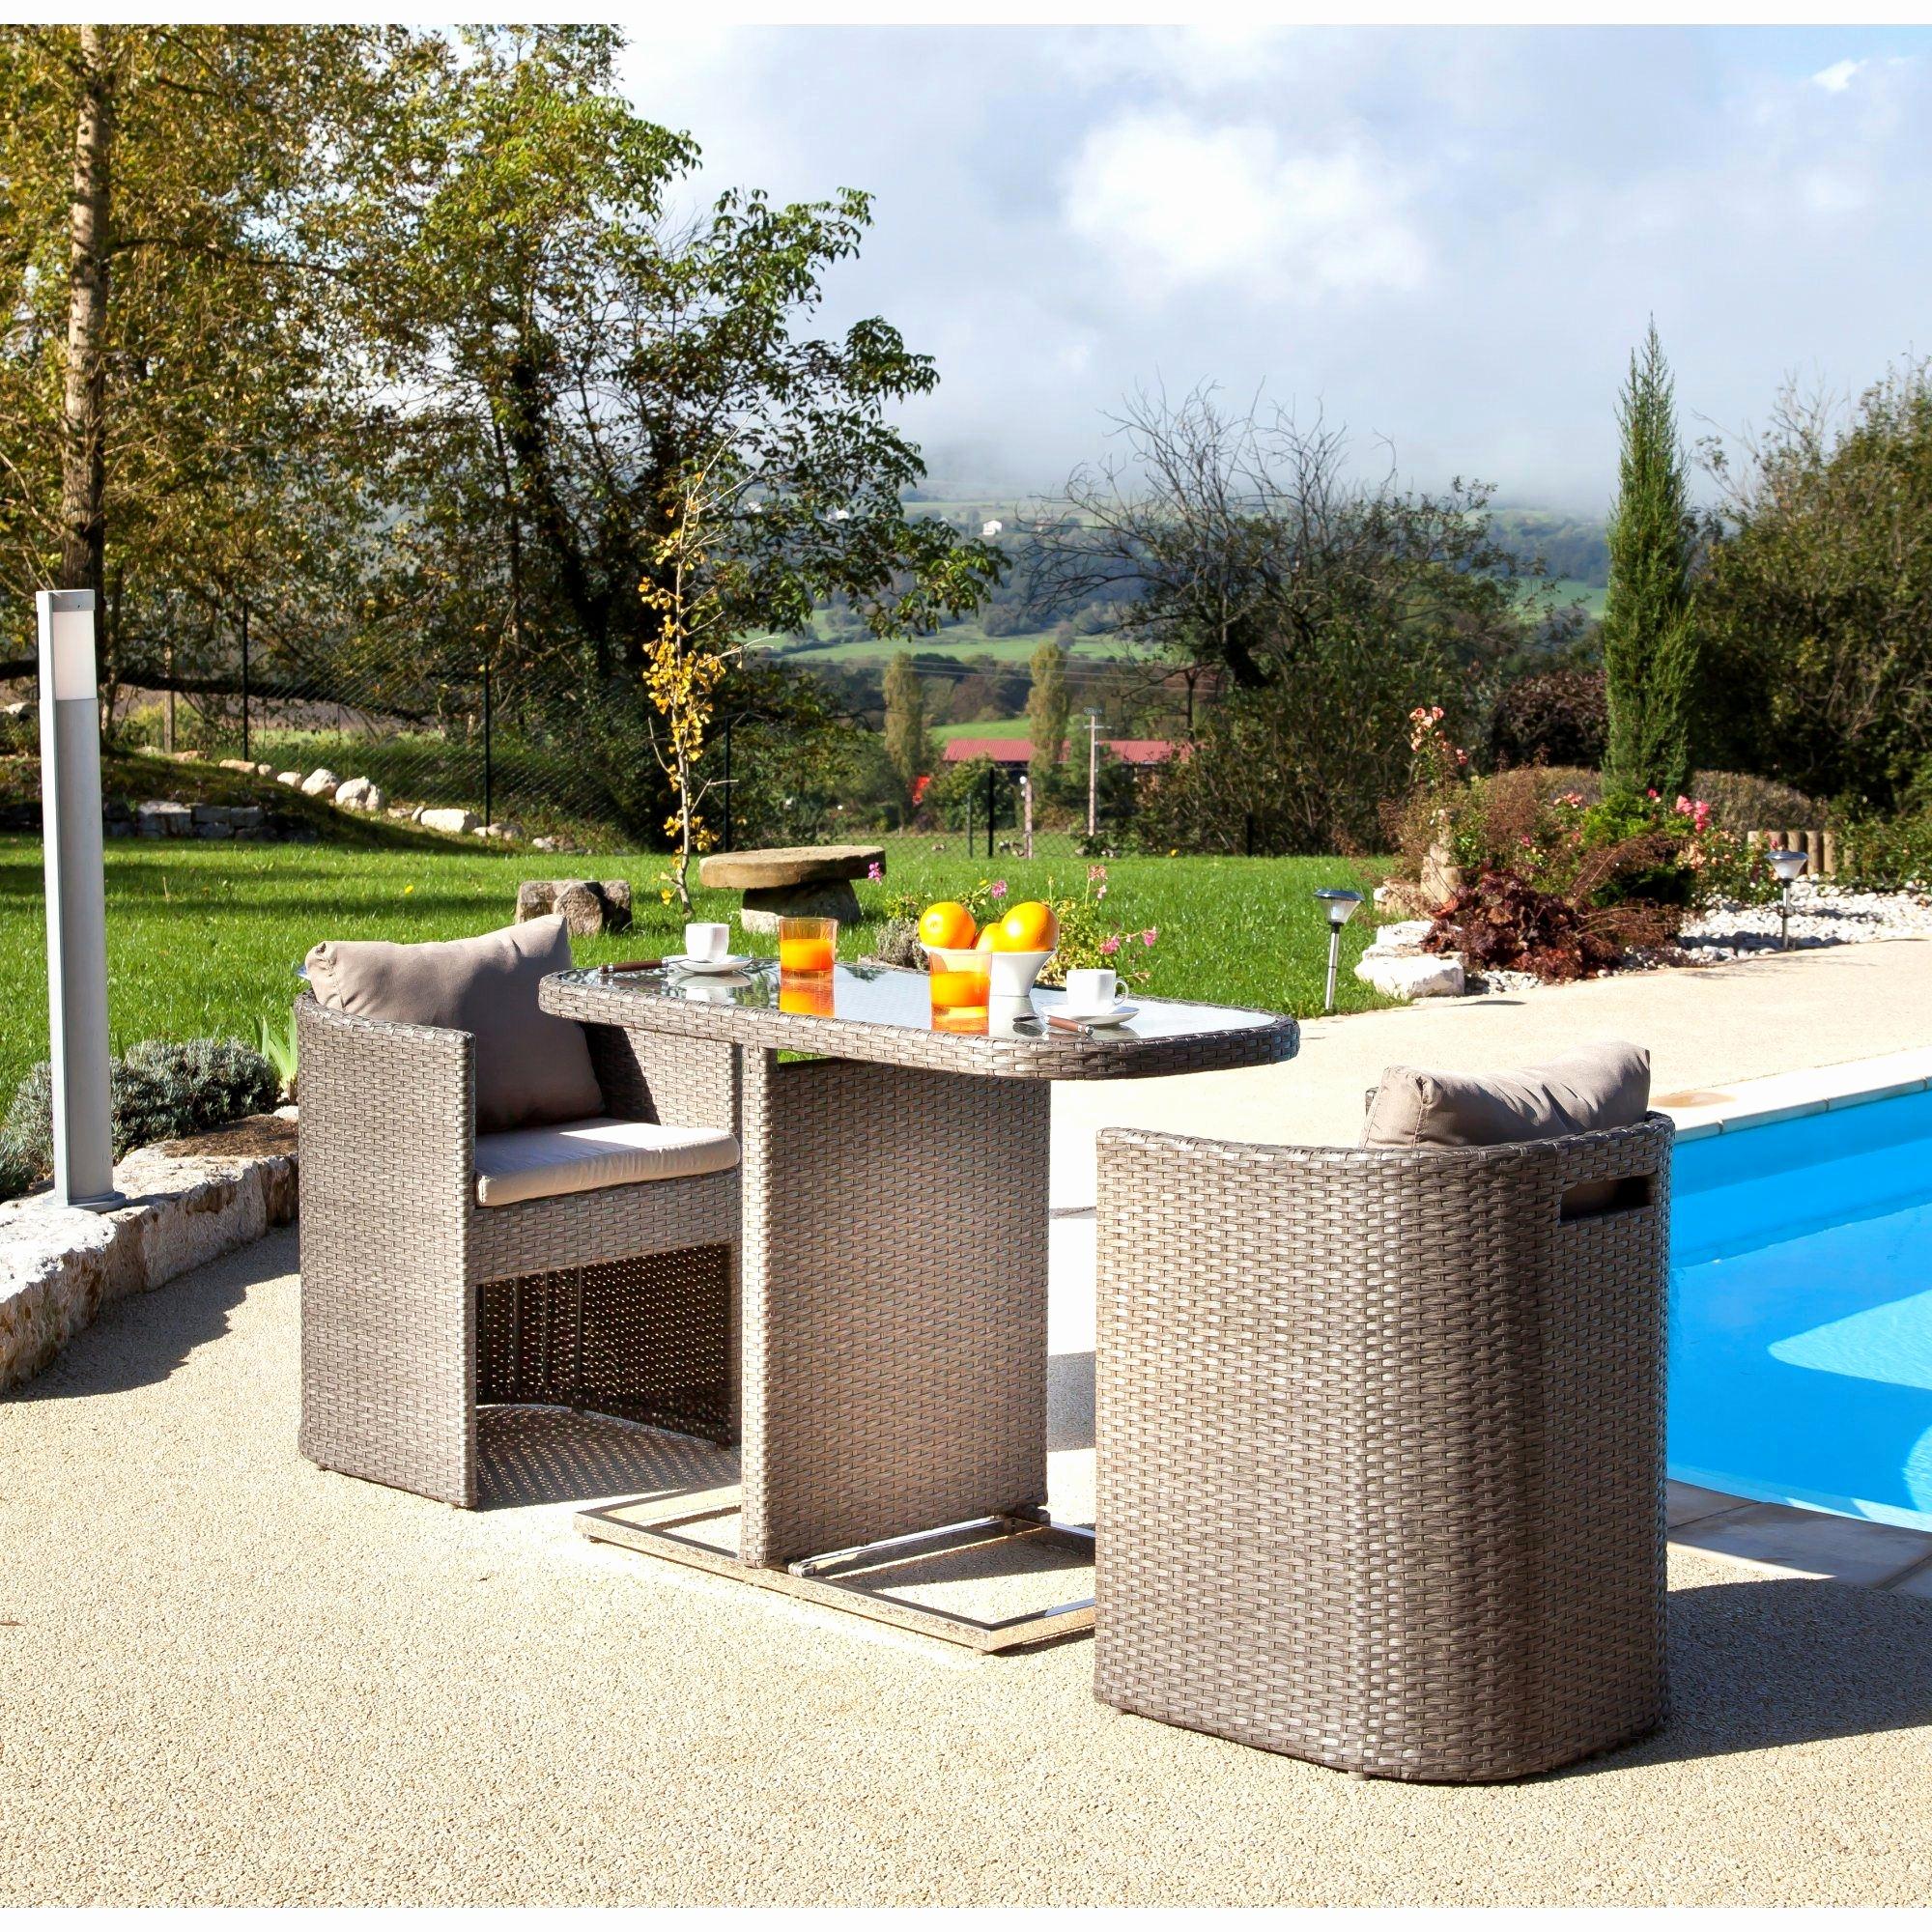 Housse De Rangement Sous Vide Carrefour Luxe Ecorce Pin ... tout Transat Jardin Carrefour